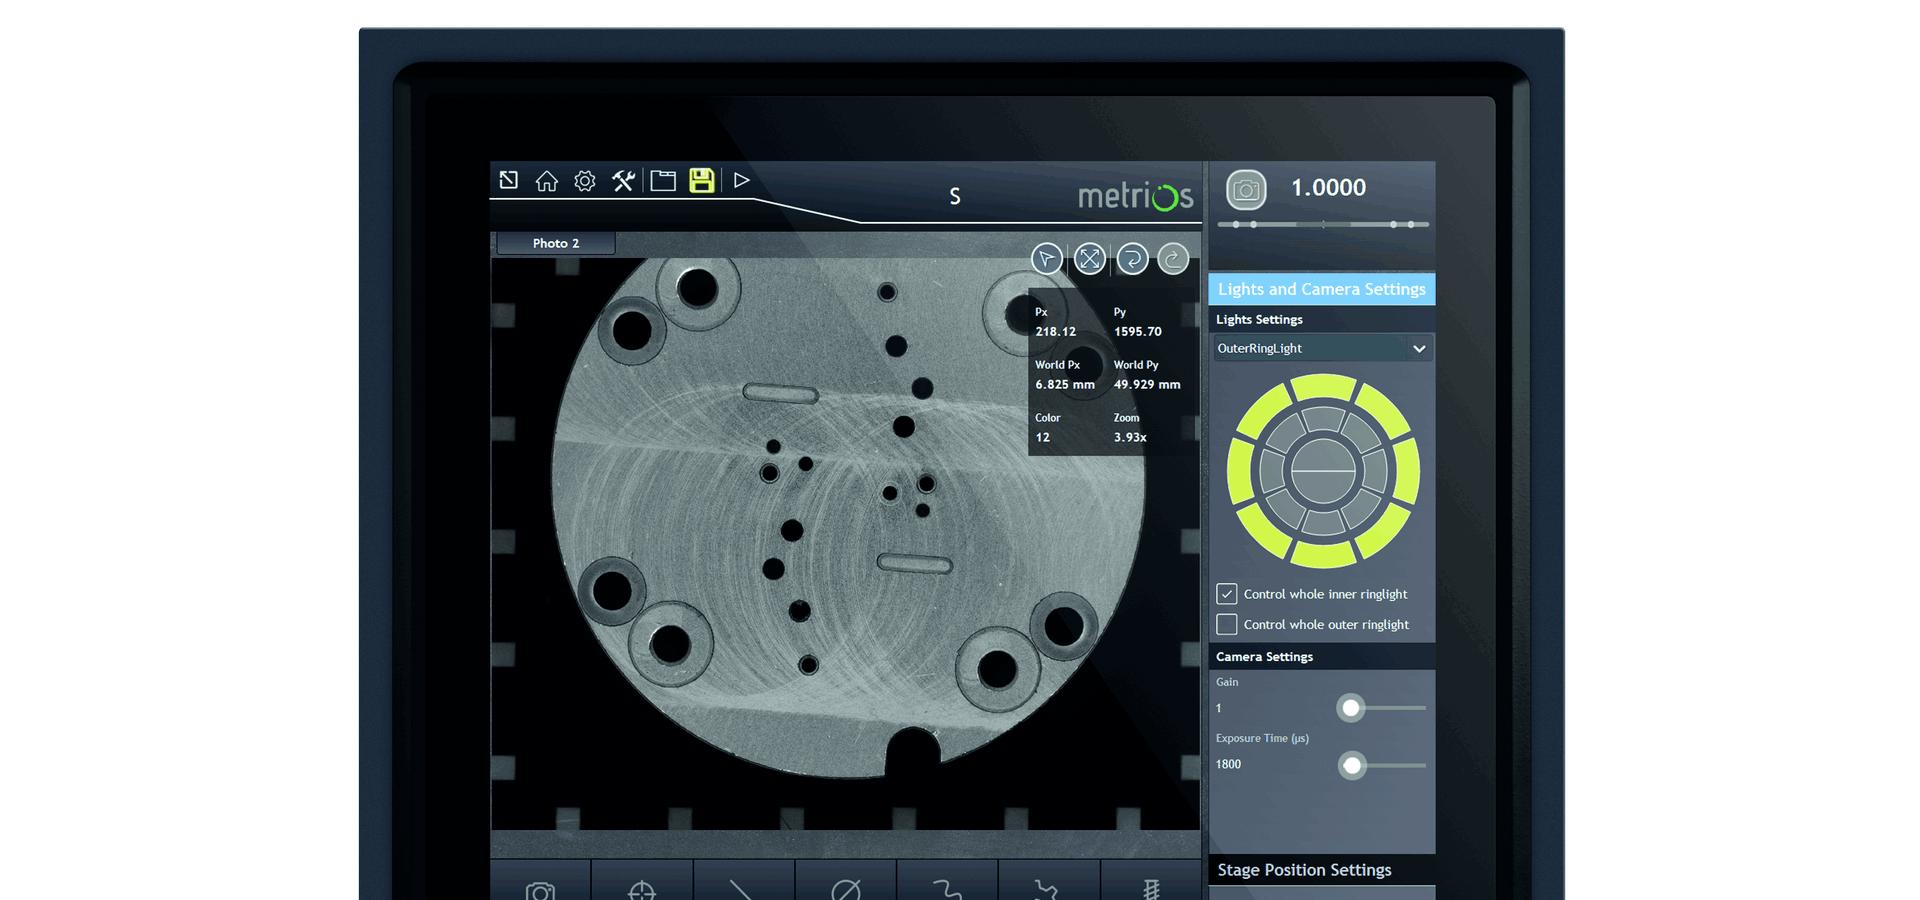 metrios es maquinas-de-medicion-la-importancia-de-la-innovacion-en-la-produccion 003